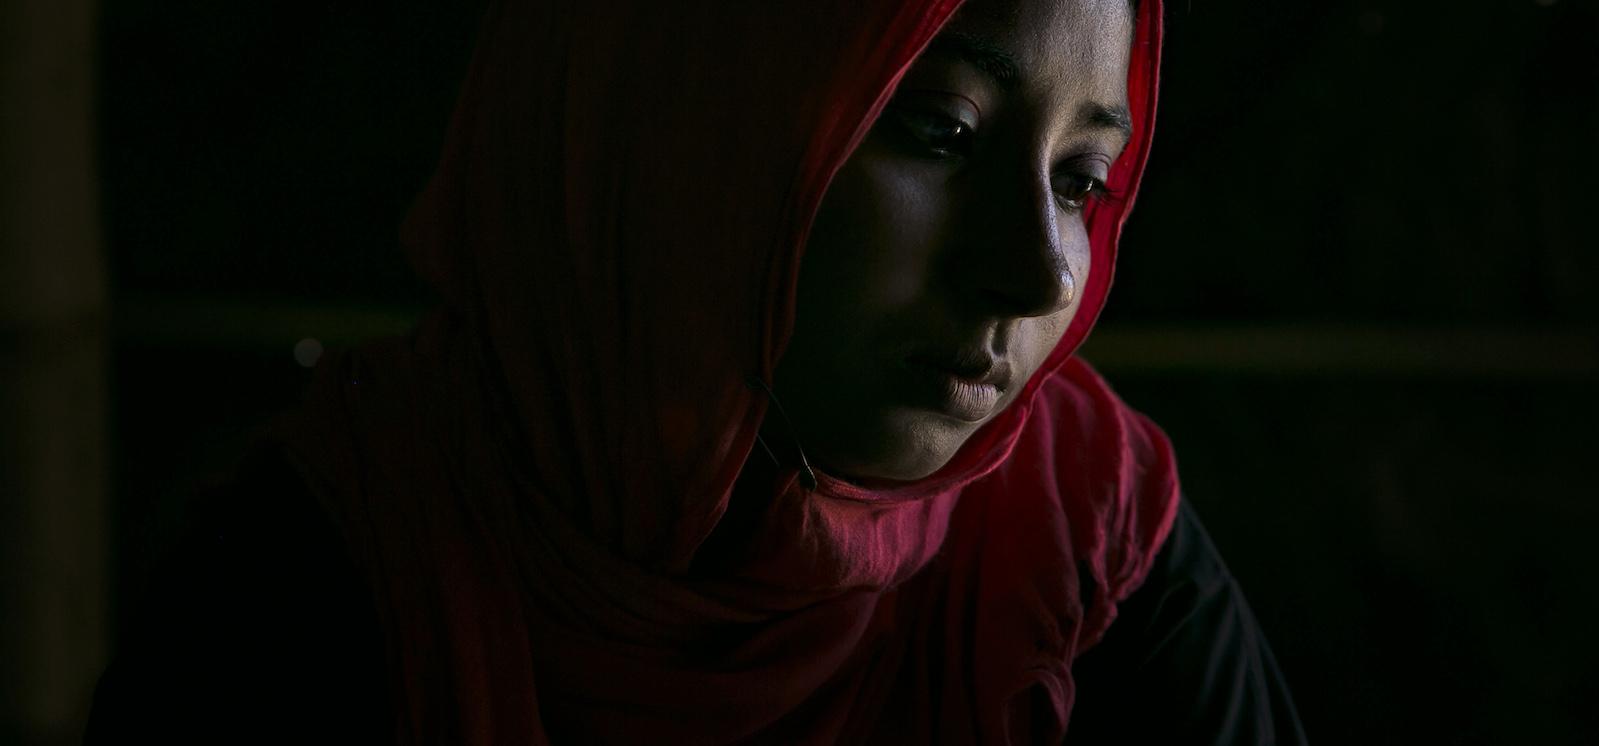 Photo: UN Women/ Flickr